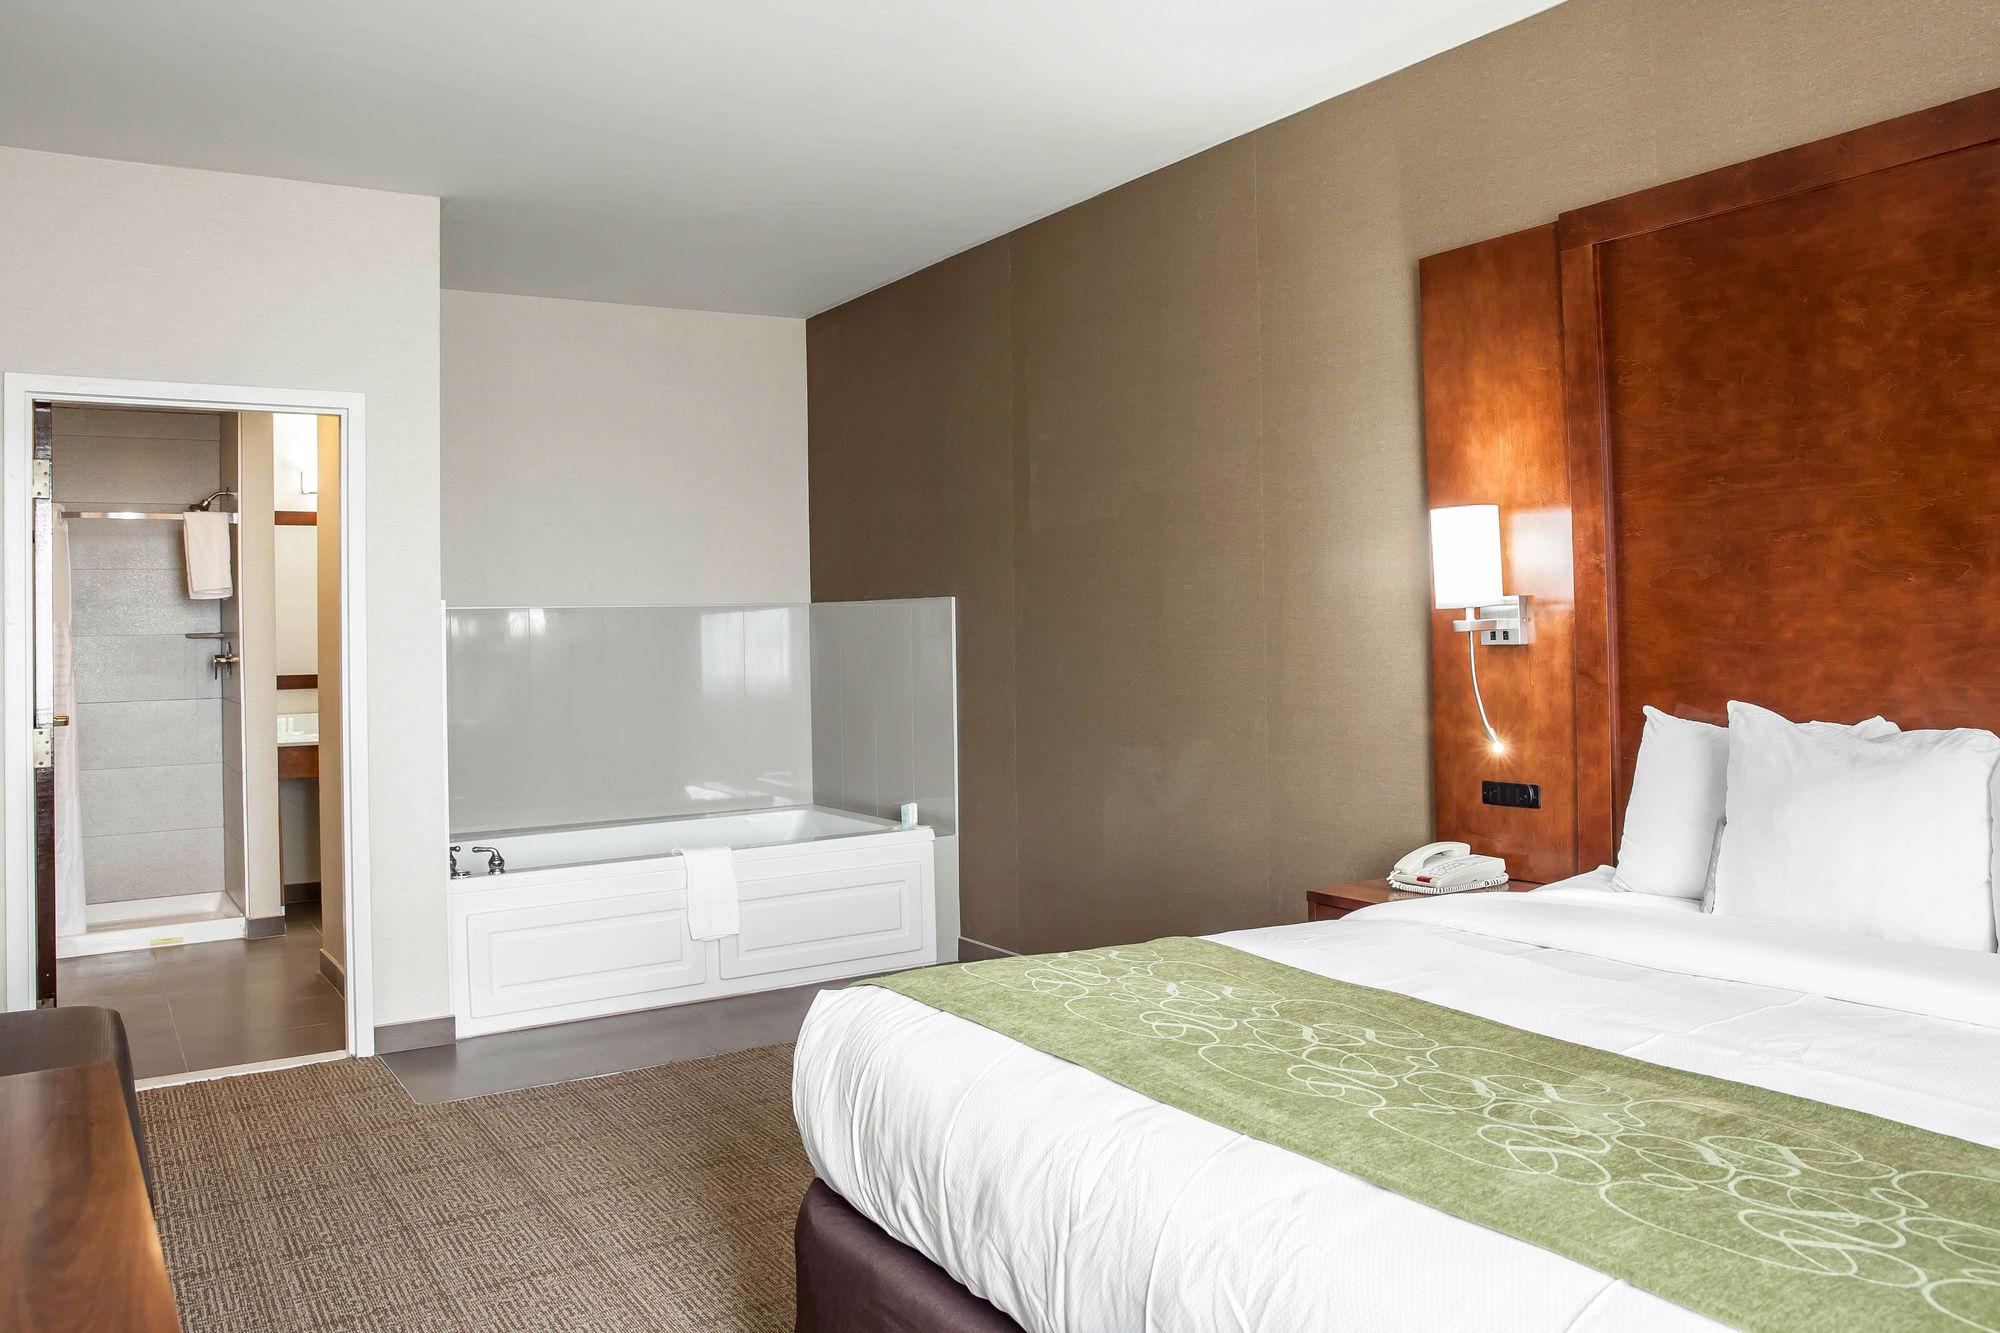 Comfort Suites Dover in Dover, DE